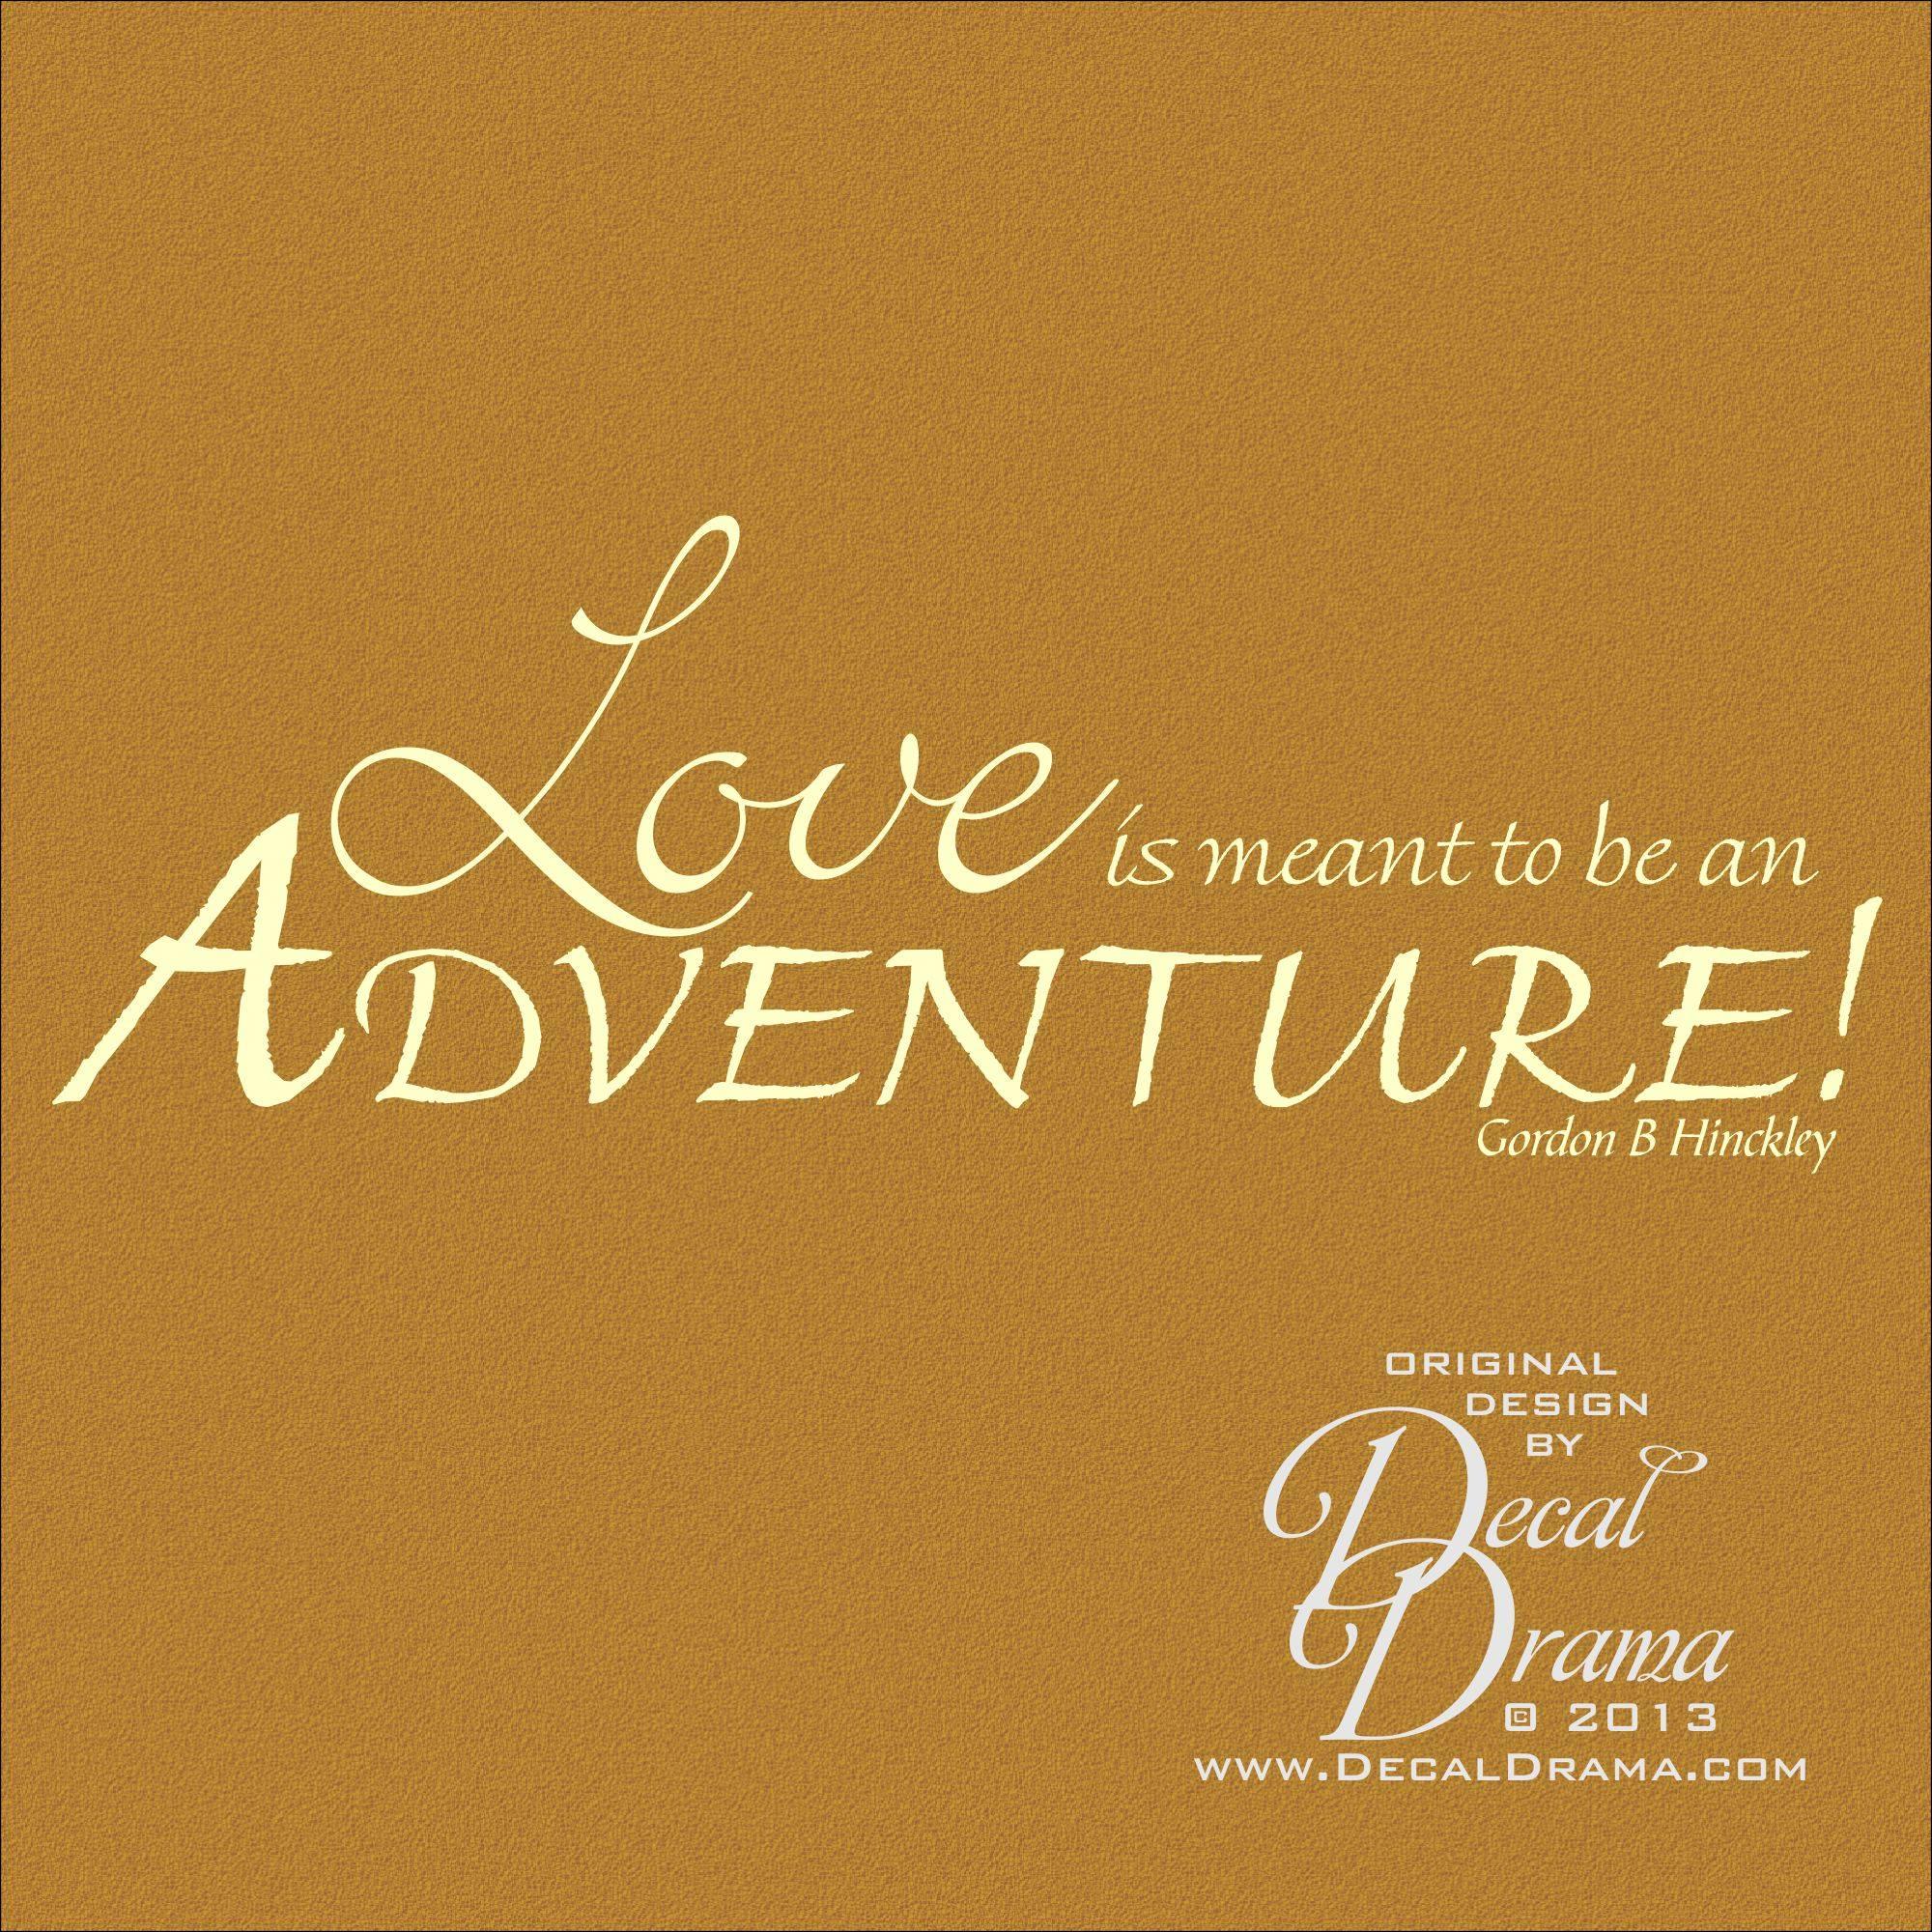 Im An Adventurer Quotes. QuotesGram